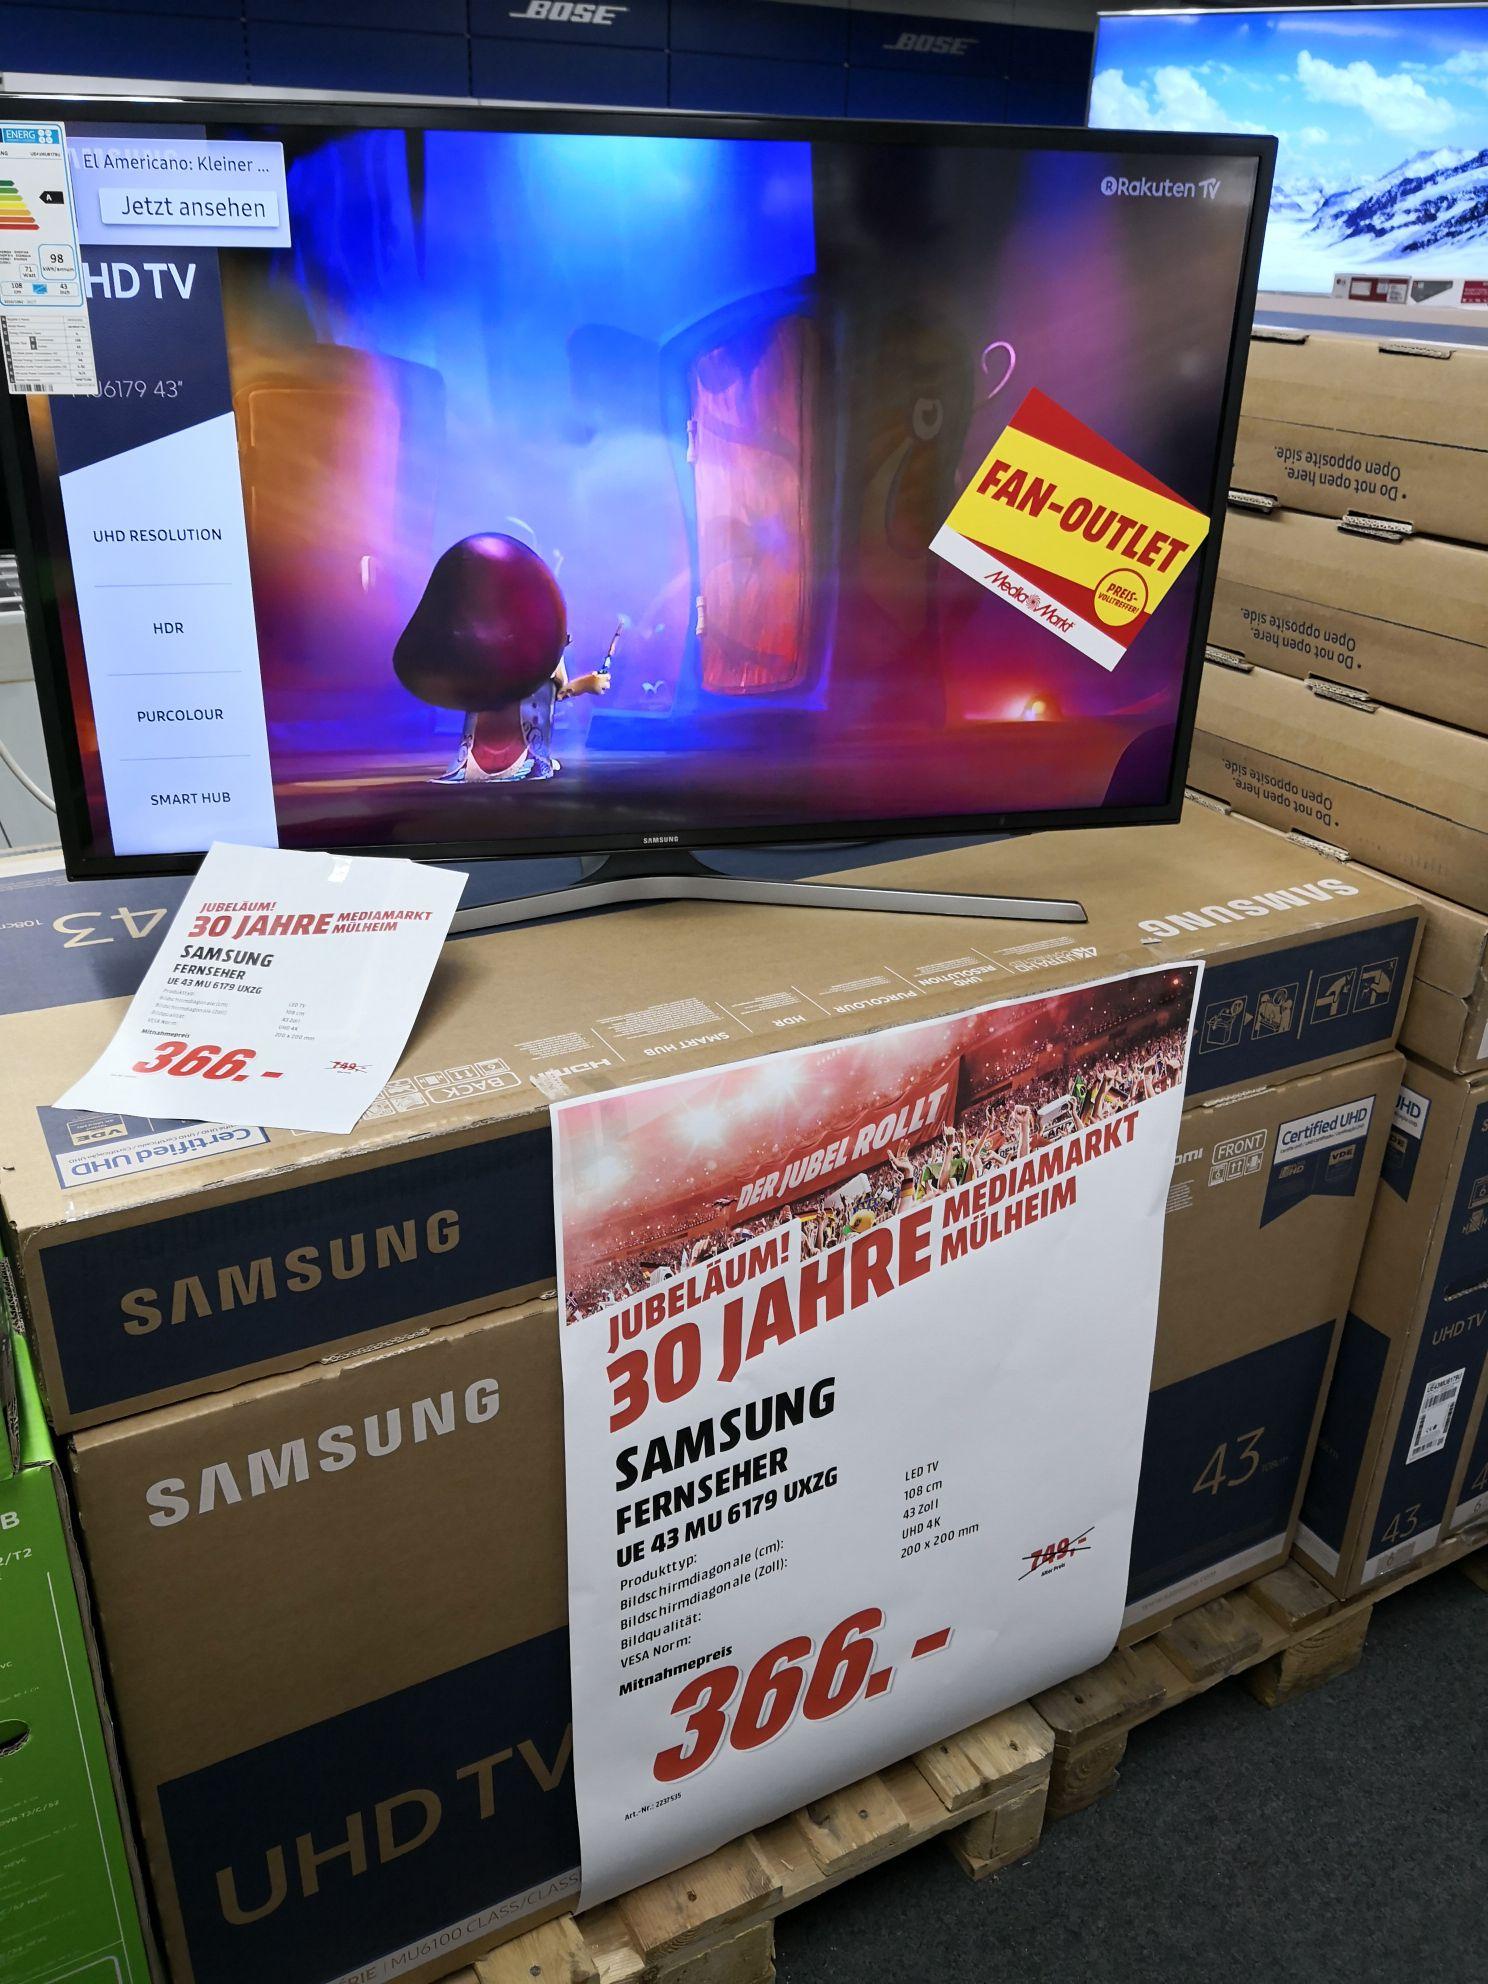 Samsung 43MU6179 für 366Euro! Im MM Mülheim a. d. Ruhr